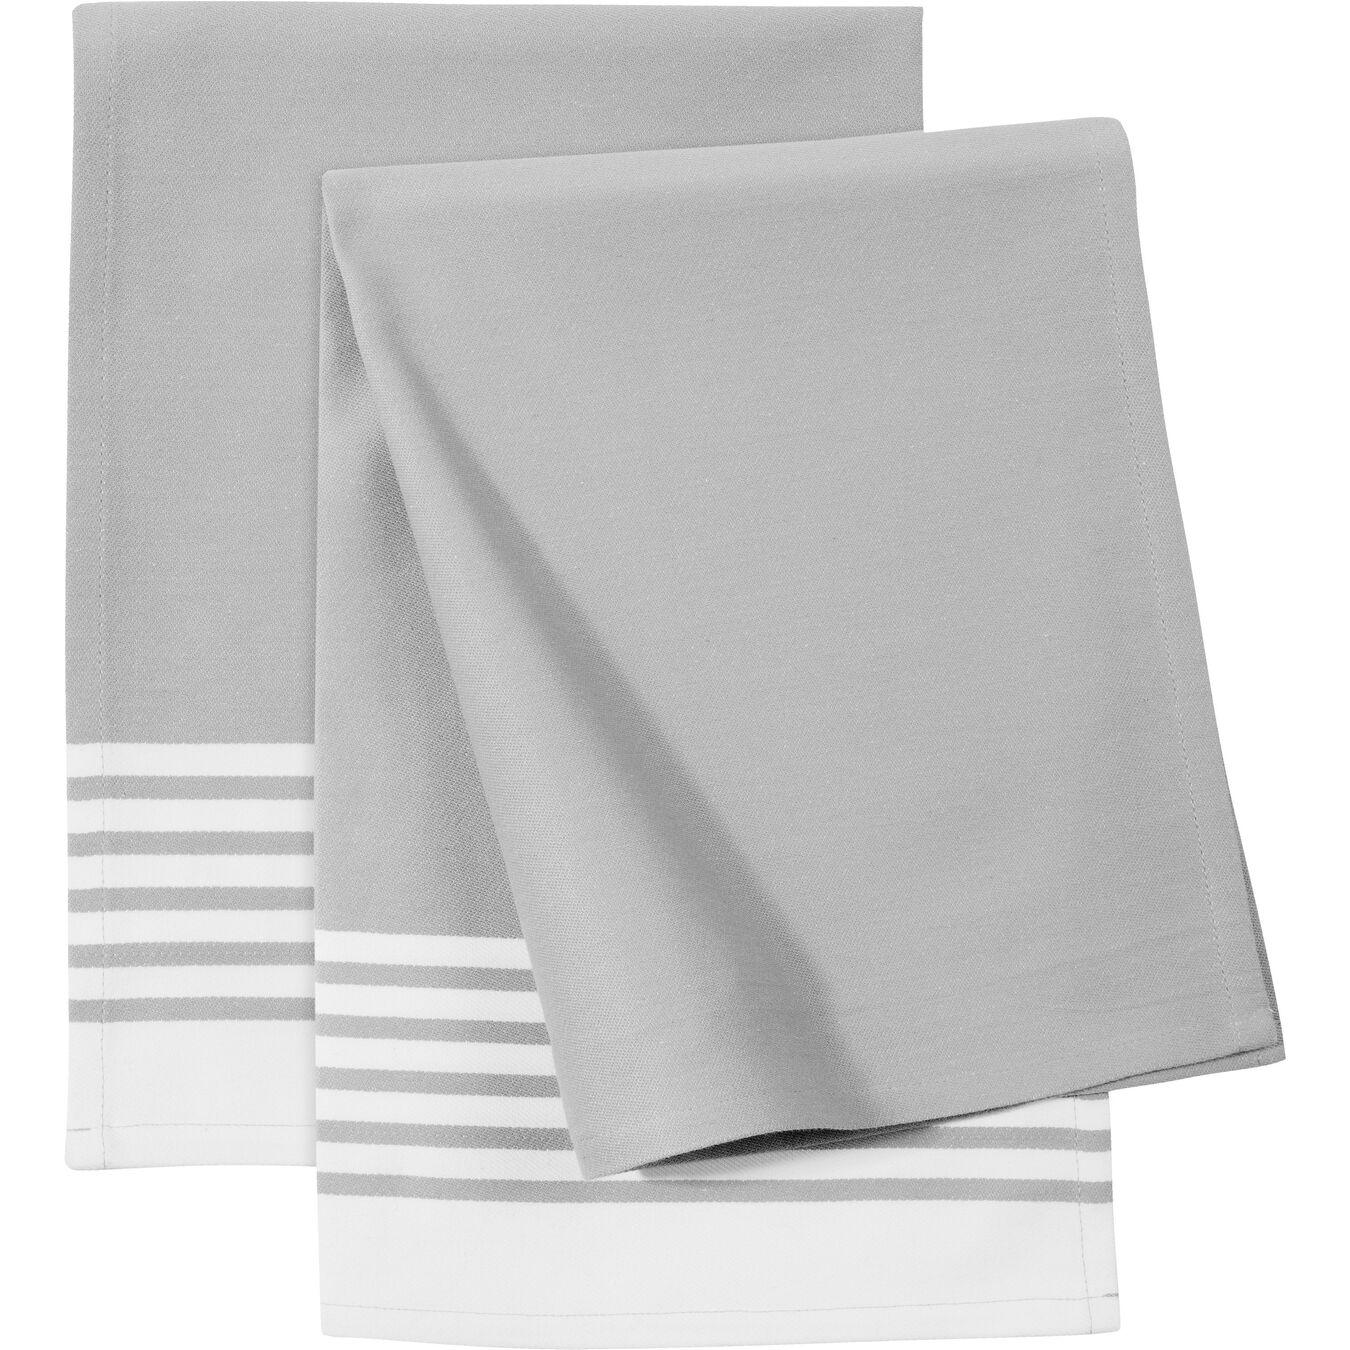 Küchenhandtuch, gestreift, grau, 2-tlg., 2-tlg   Grau,,large 1